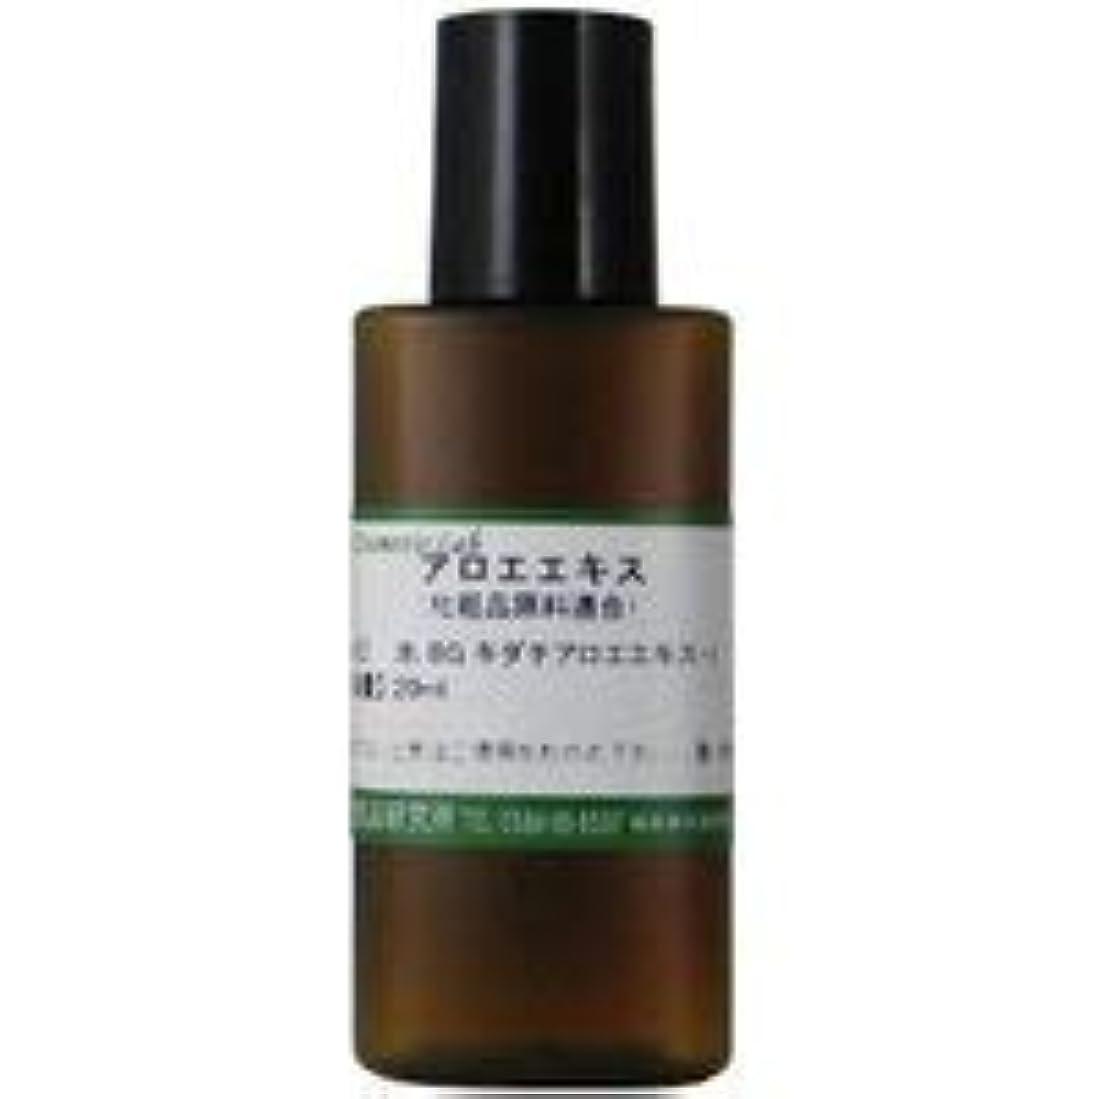 ステレオタイプ分析原子アロエエキス 化粧品原料 20ml